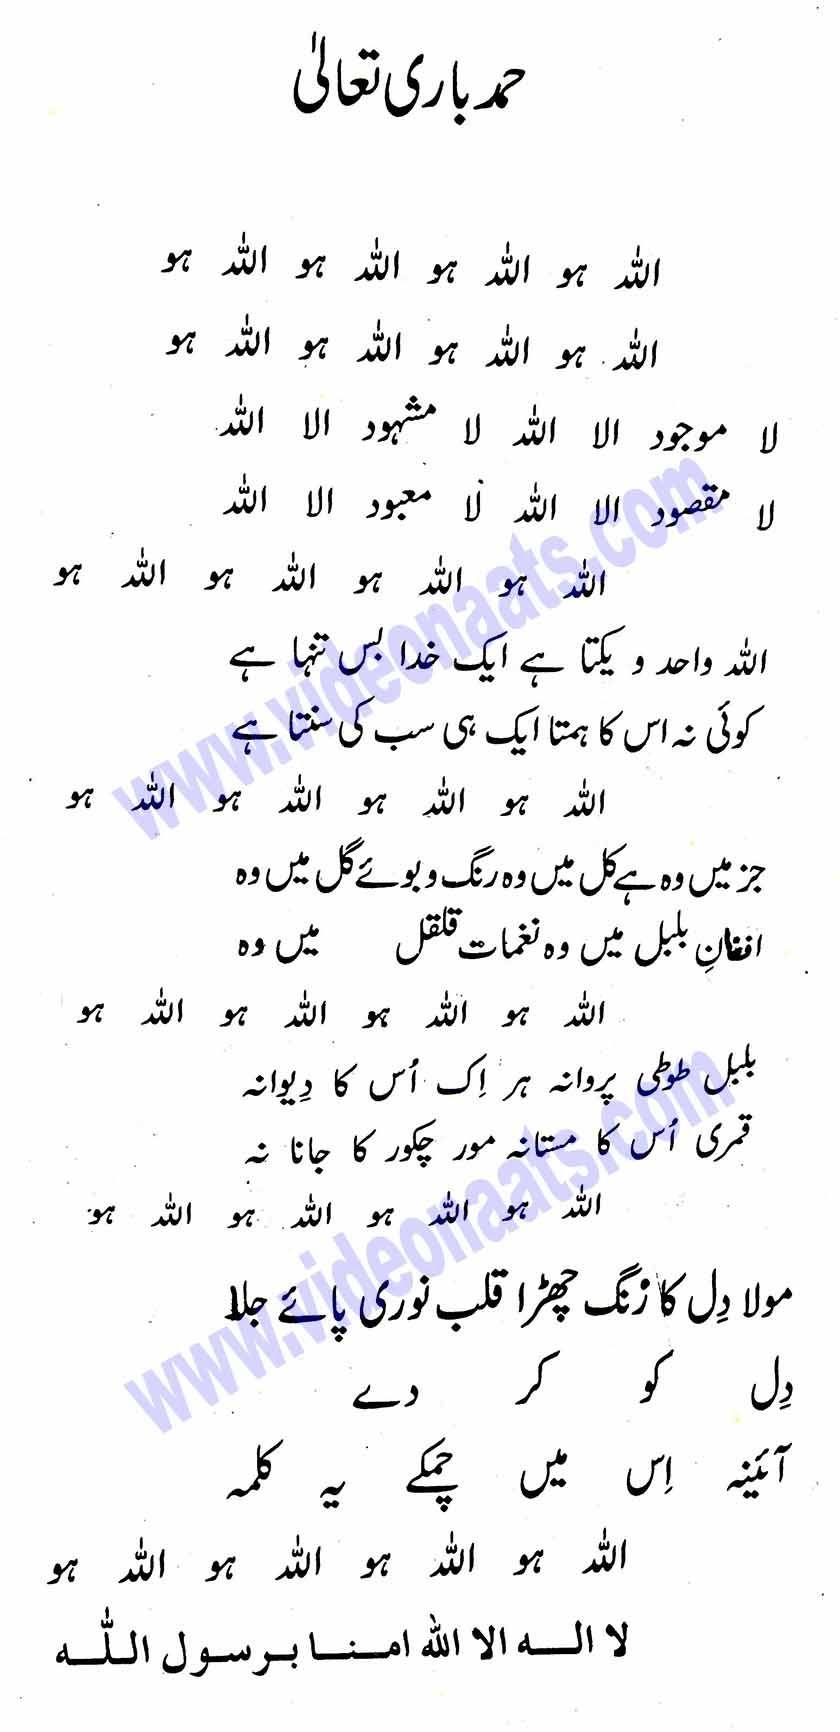 La Maujooda Illallah Hamad Urdu Lyrics | Urdu, Quran urdu ...